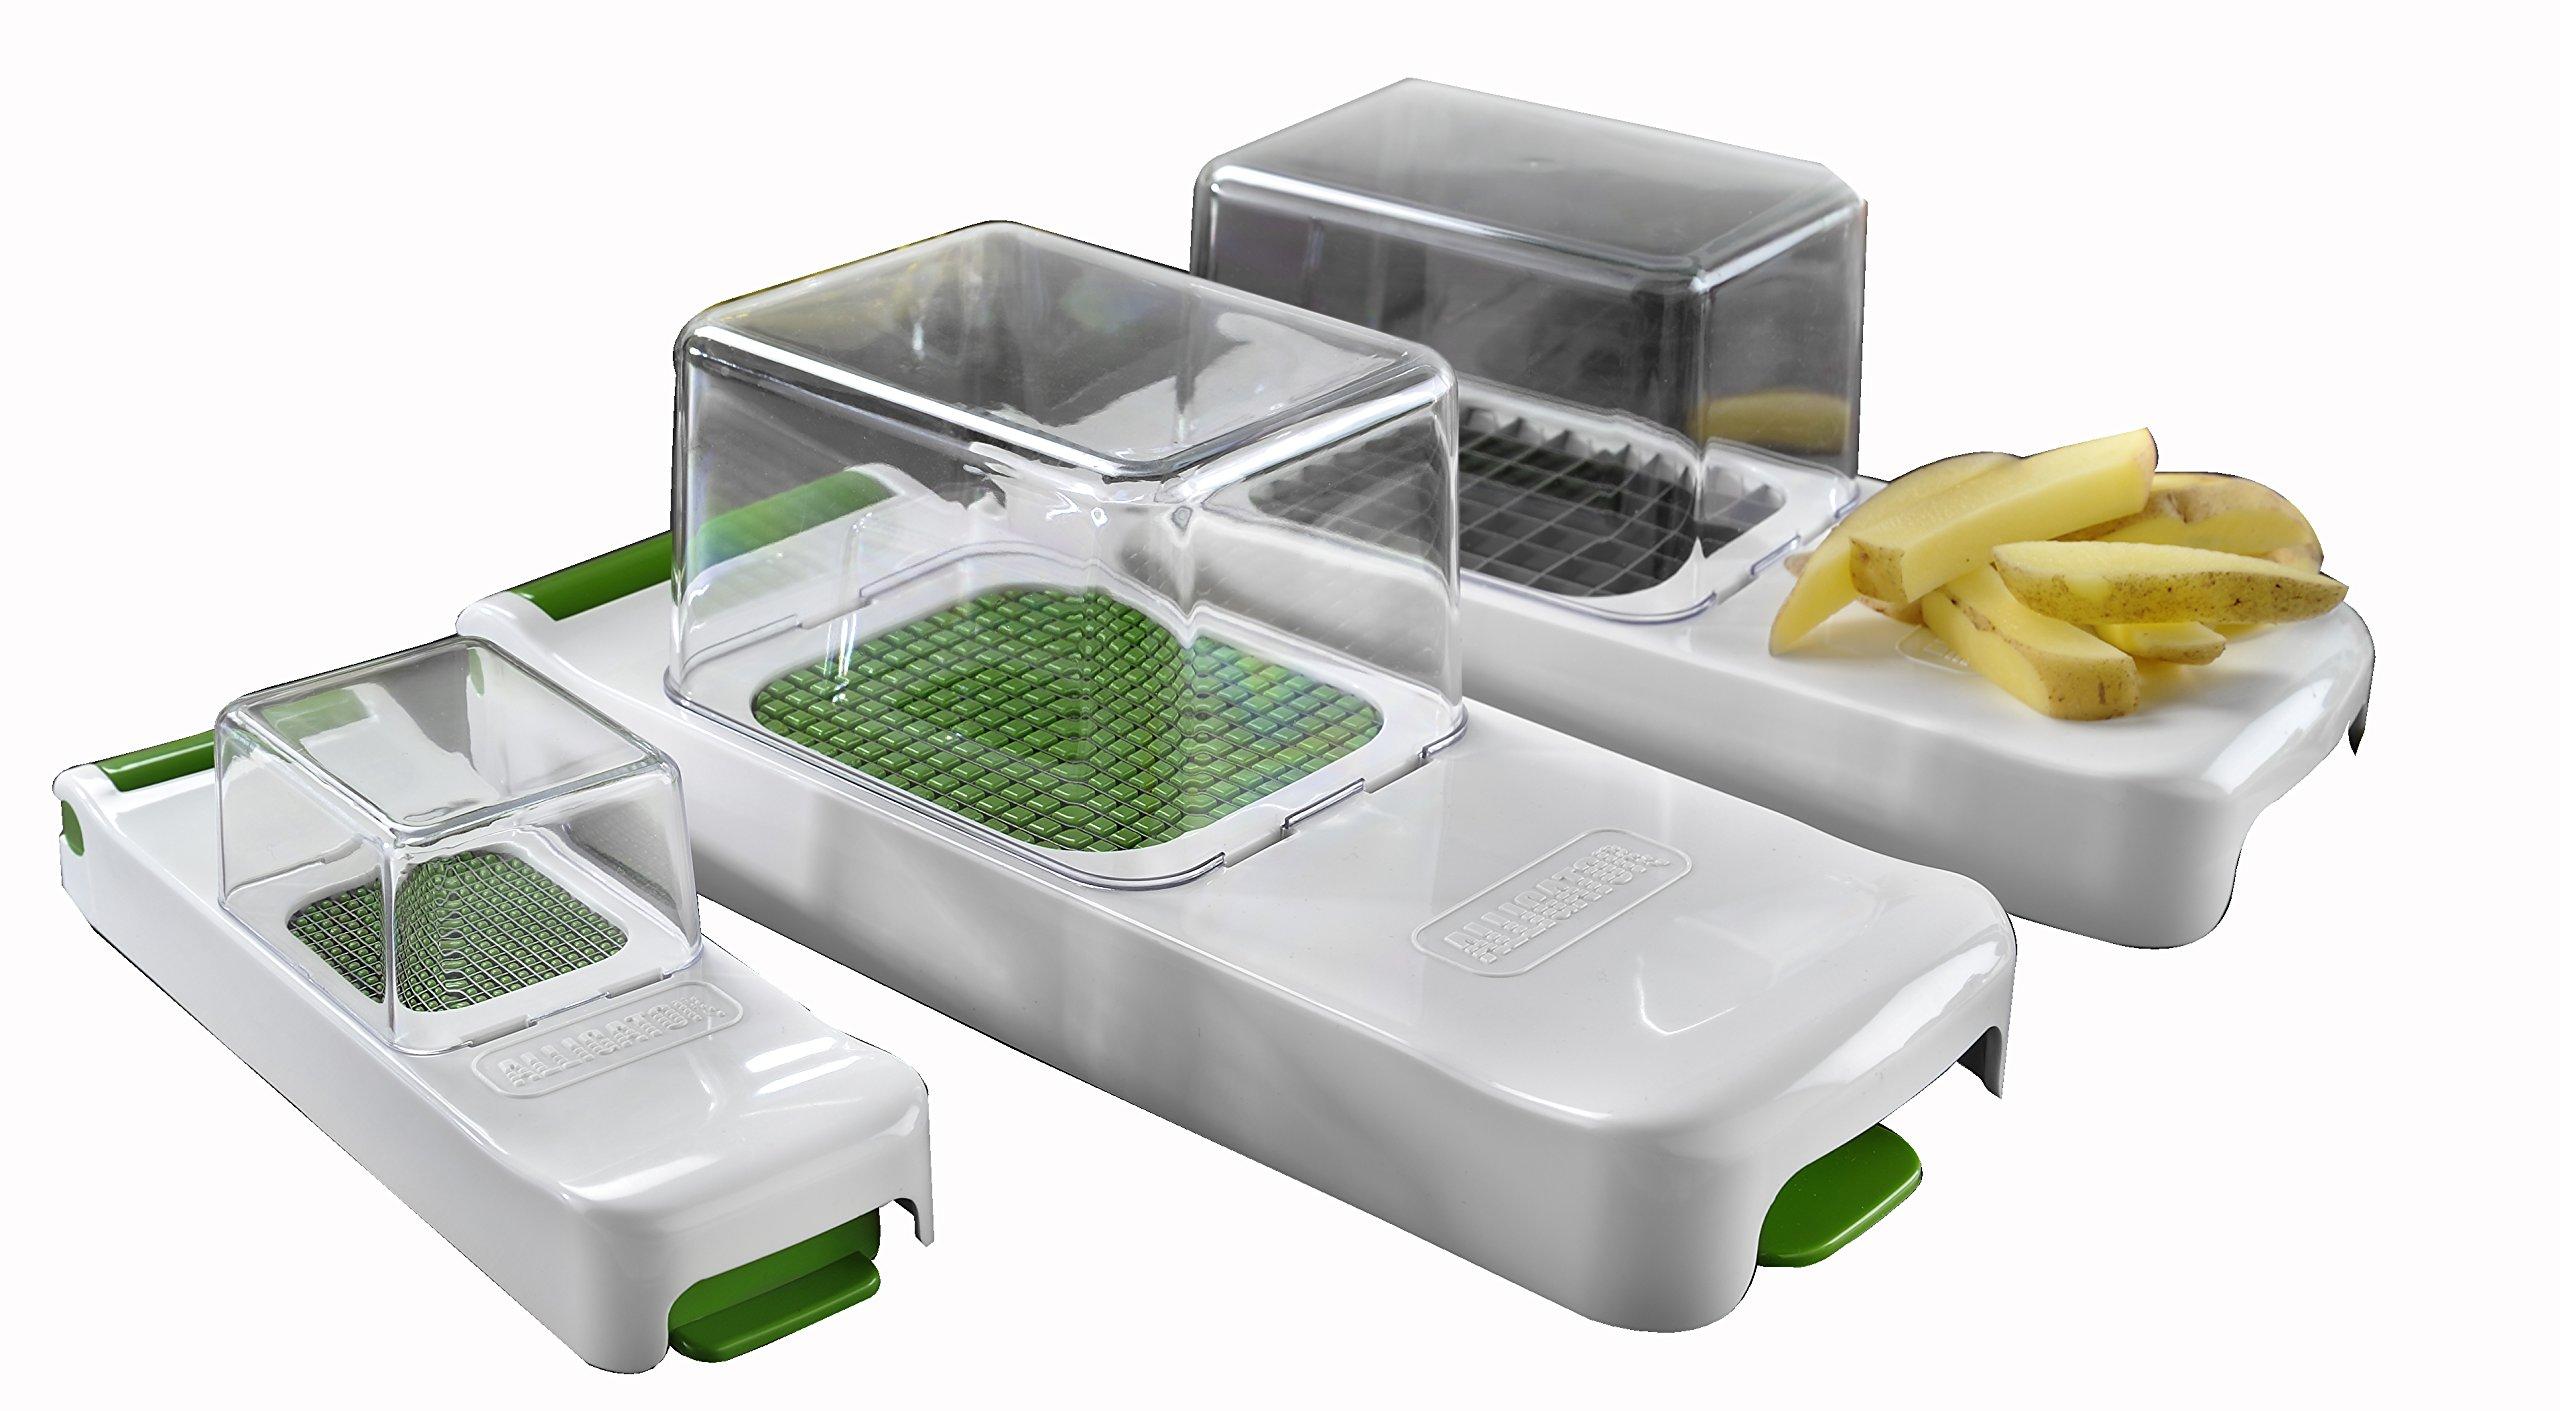 Alligator 15 Family Cebolla, hortalizas y Frutas 15 Teilig Set, Utensilios  de Cocina para una rápida y Limpieza de Corte